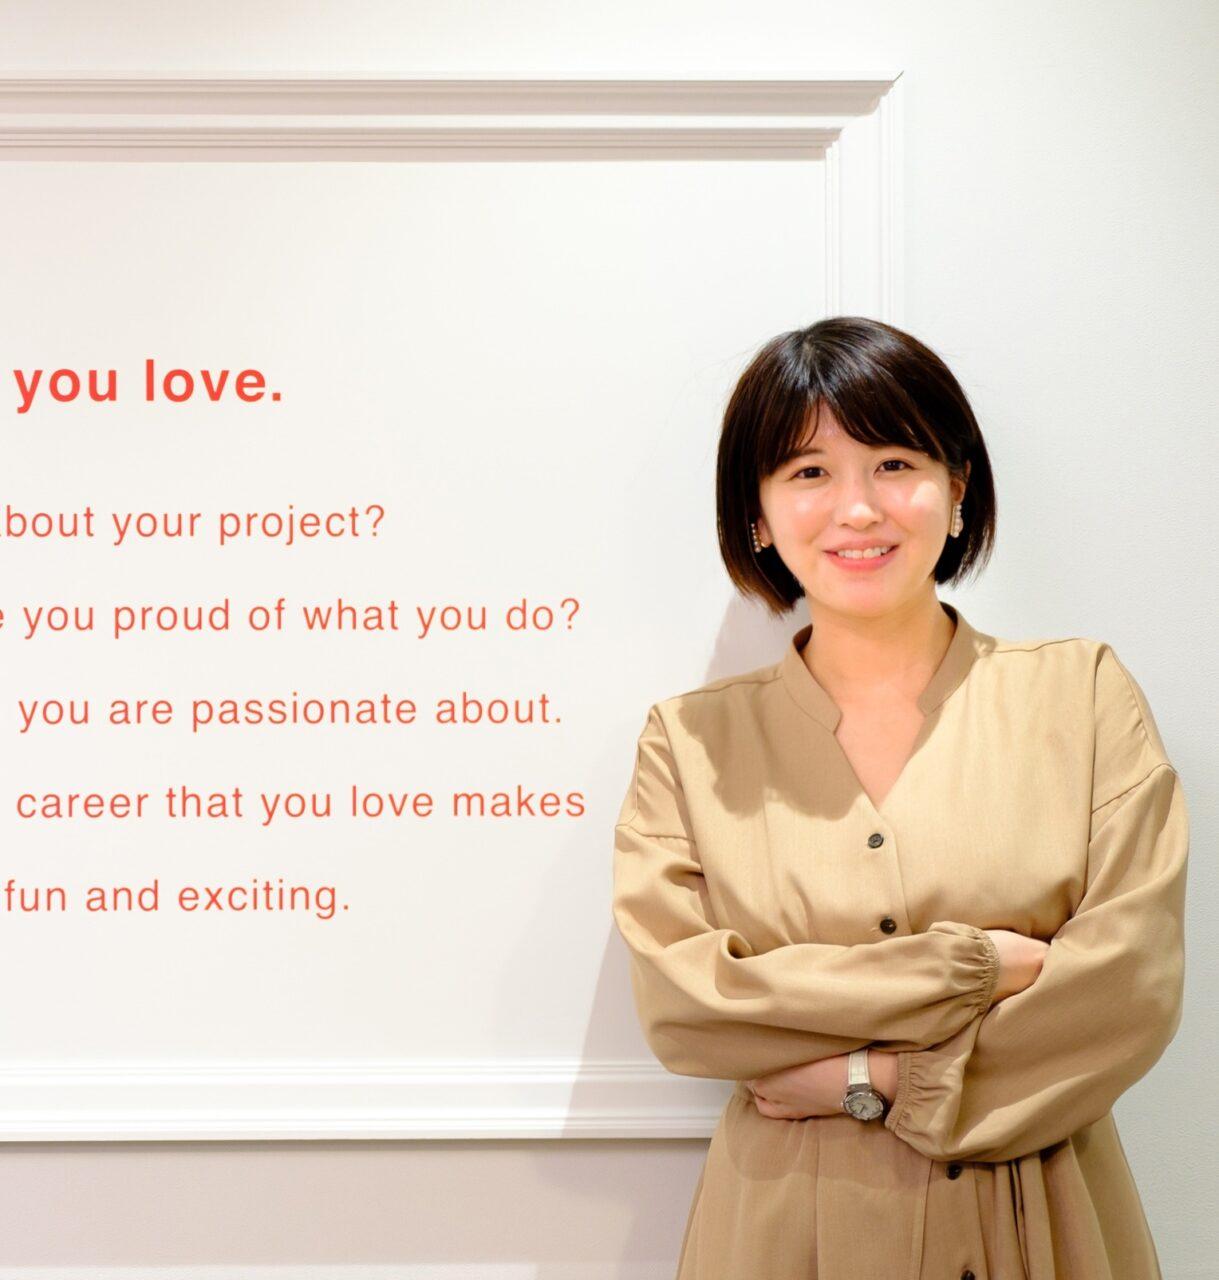 女性が働きやすい世の中に!編集者として広めたい、パラキャリという選択肢